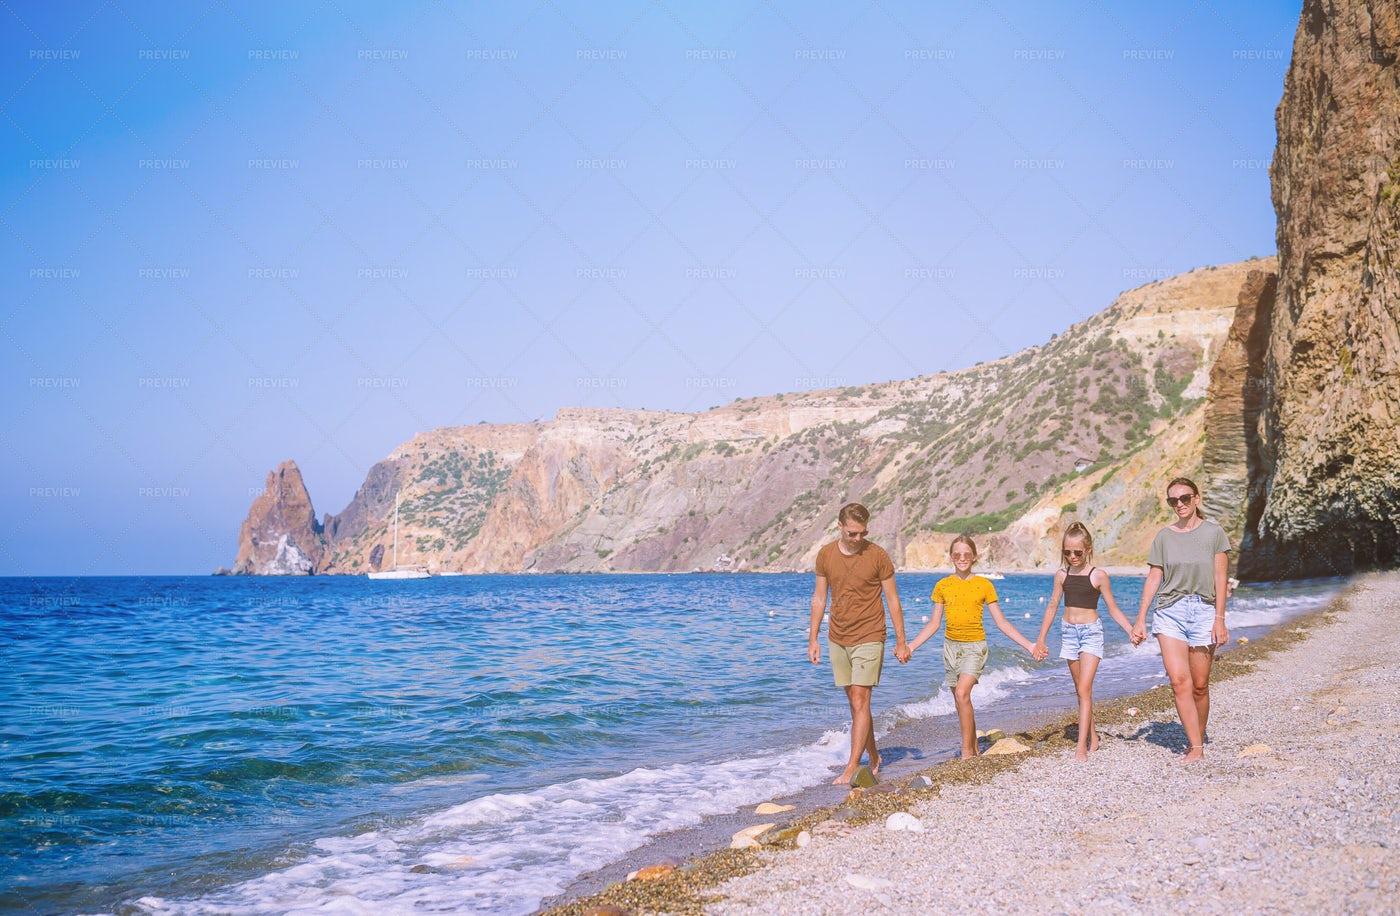 Family On Vacation: Stock Photos